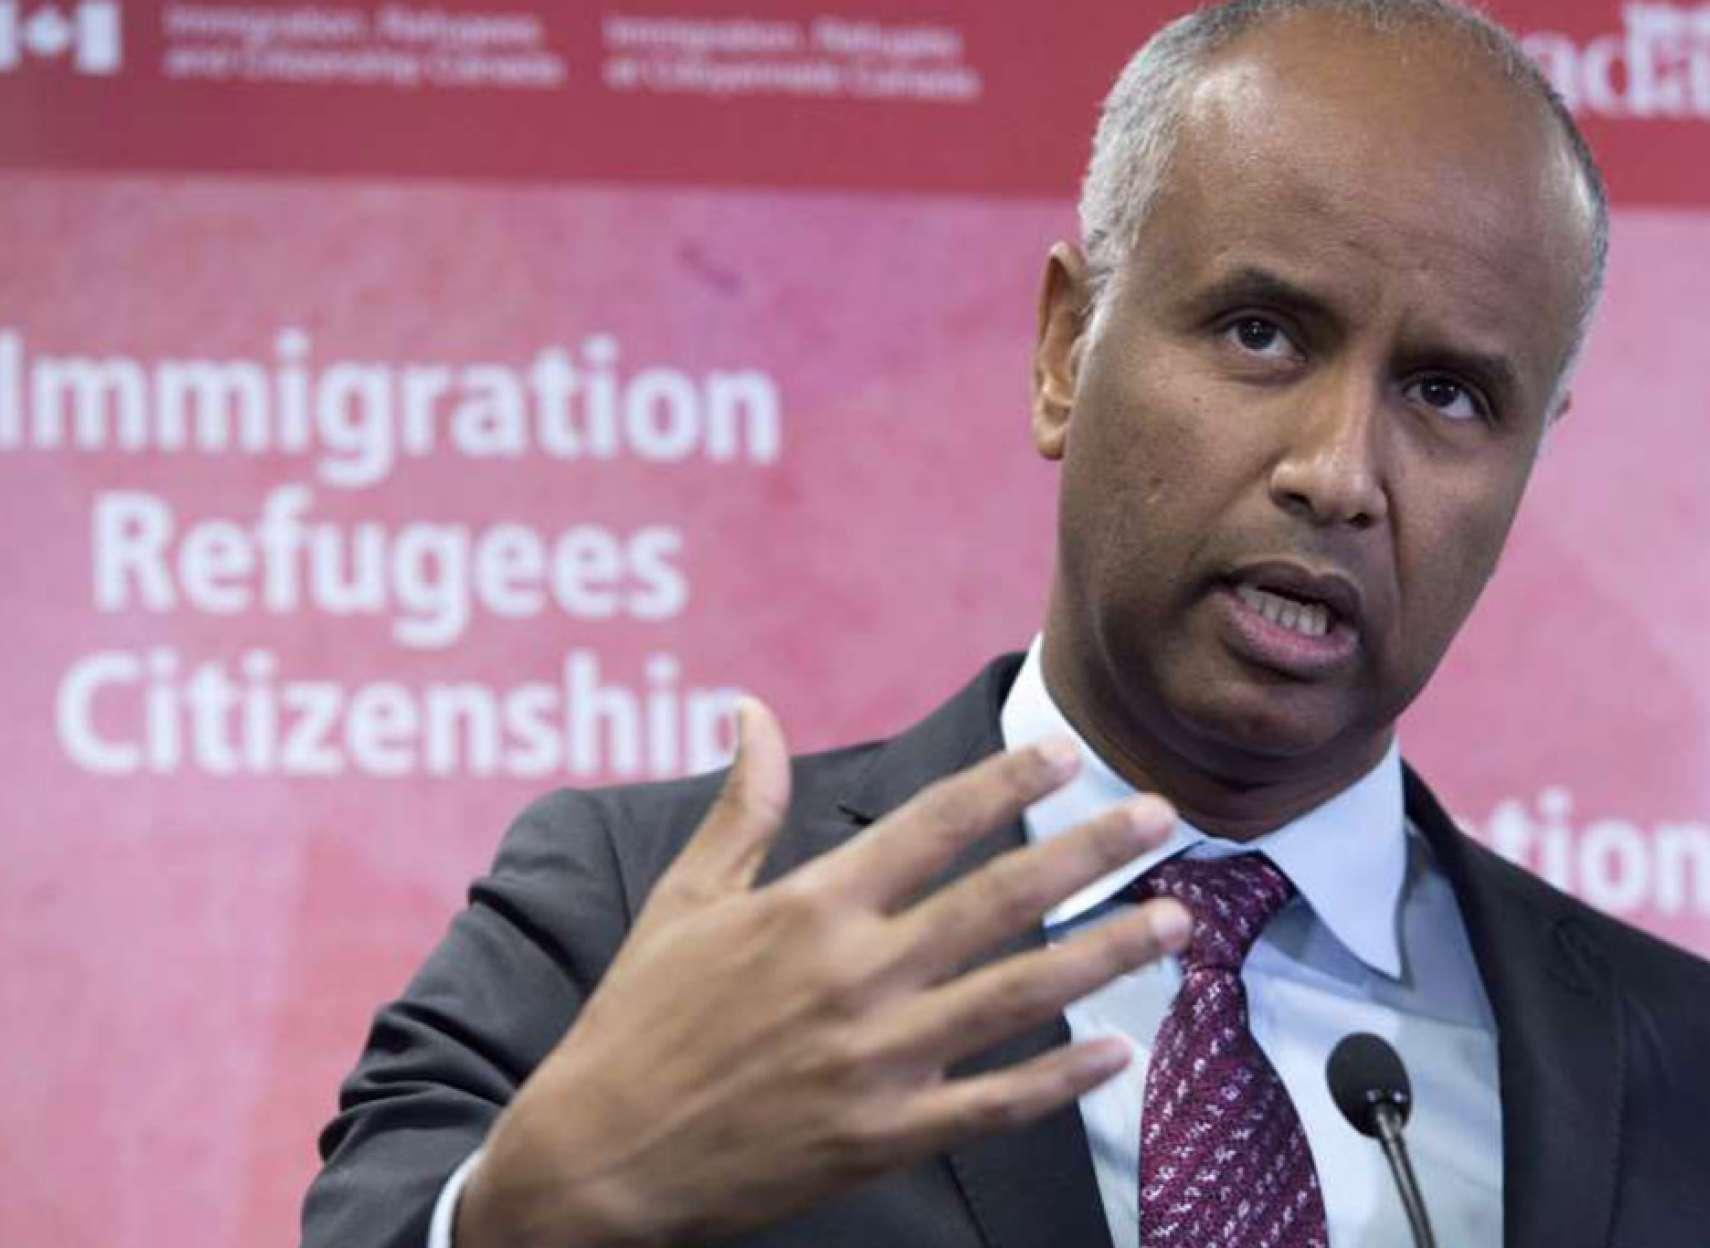 کانادا-پذیرش-پناهندگان-همجنسگرا-را-وسیعتر-میکند-کانادا-اخبار